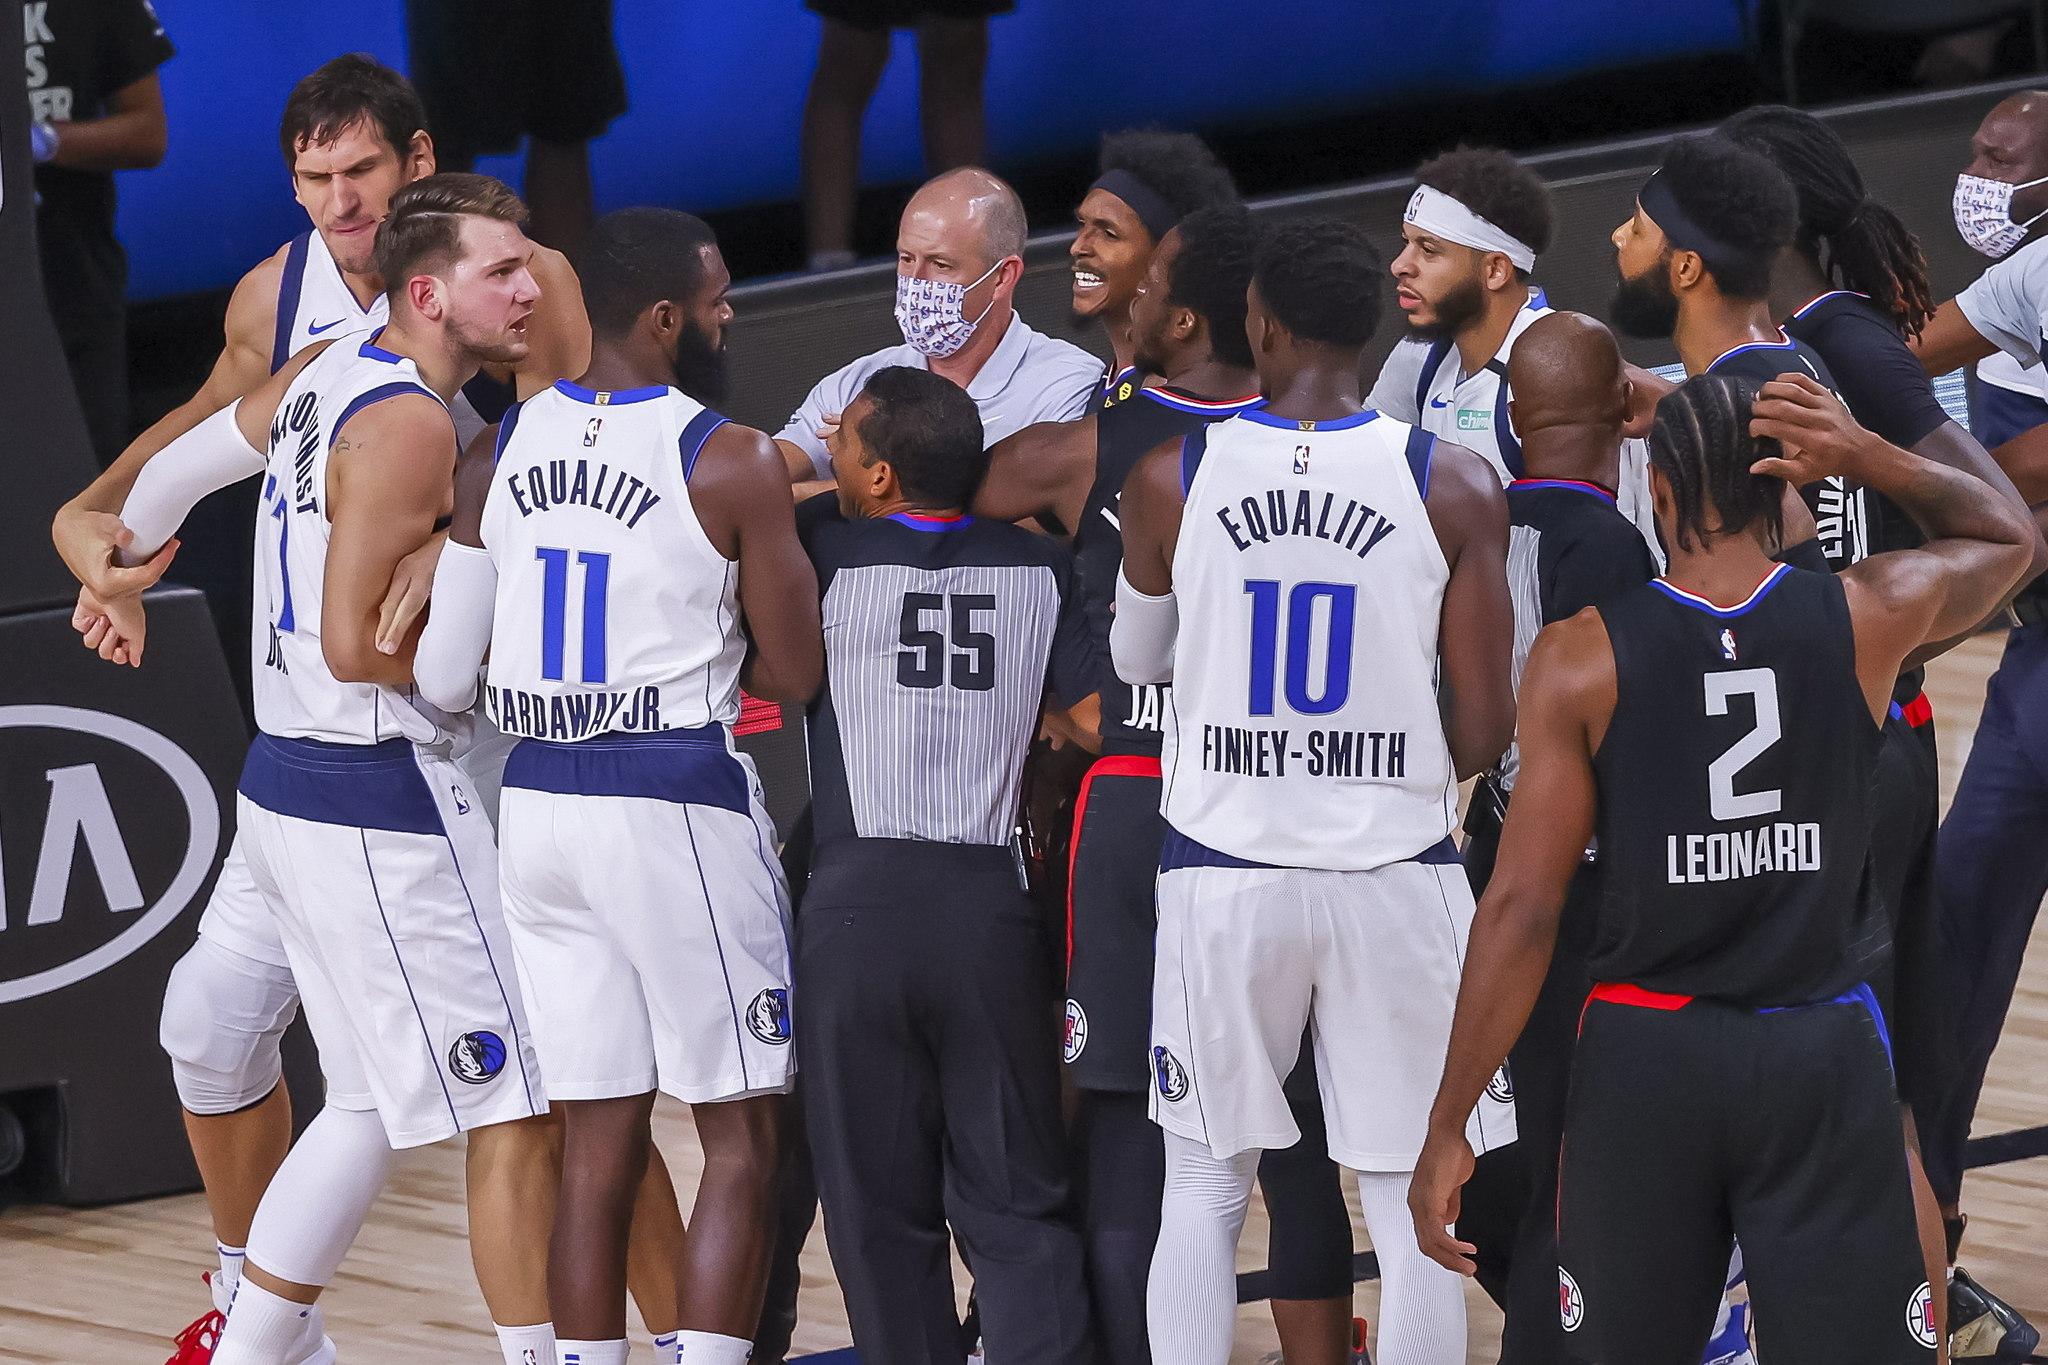 Trifulca en el Mavericks vs Clippers tras la falta flagrante de Morris...